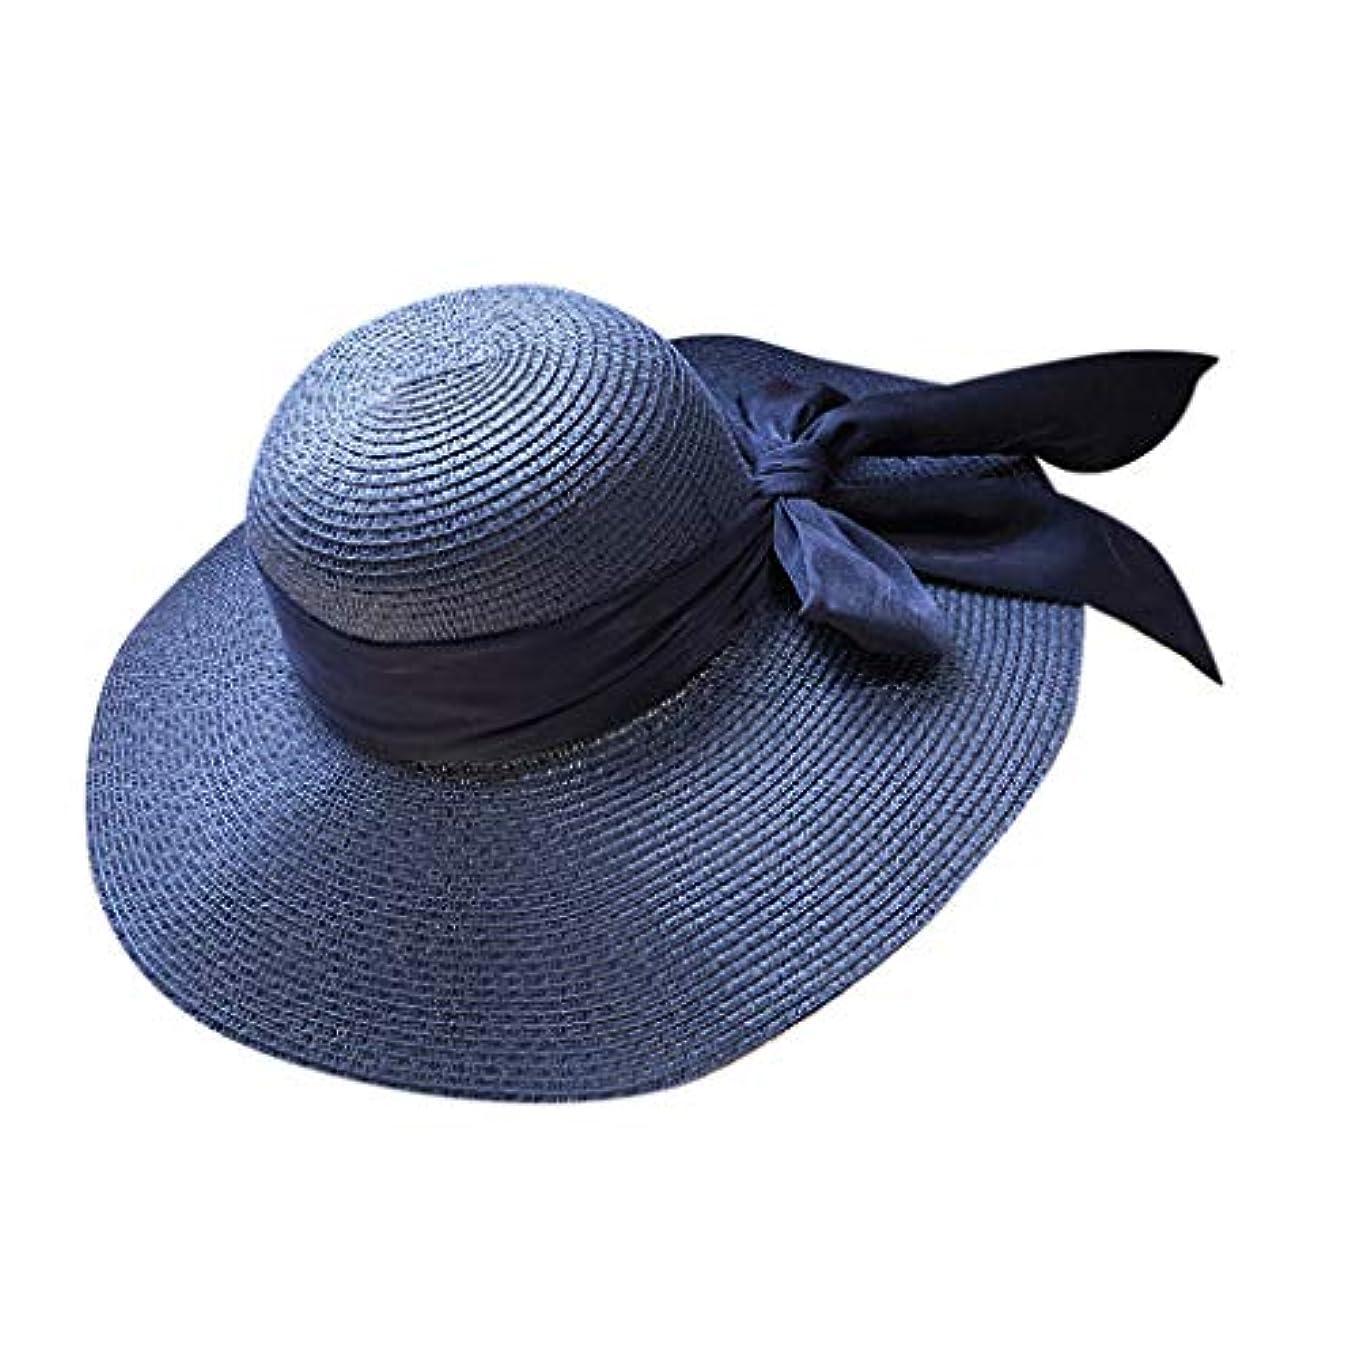 壁紙再びカウンターパート帽子 レディース UVカット 麦わら帽子 可愛い 小顔効果抜群 日よけ 折りたたみ つば広 帽子 サイズ調整 テープ ハット レディース 帽子 日よけ帽子 防晒帽 ビーチ 旅行用 日よけ 日射し 海 夏季 ROSE ROMAN